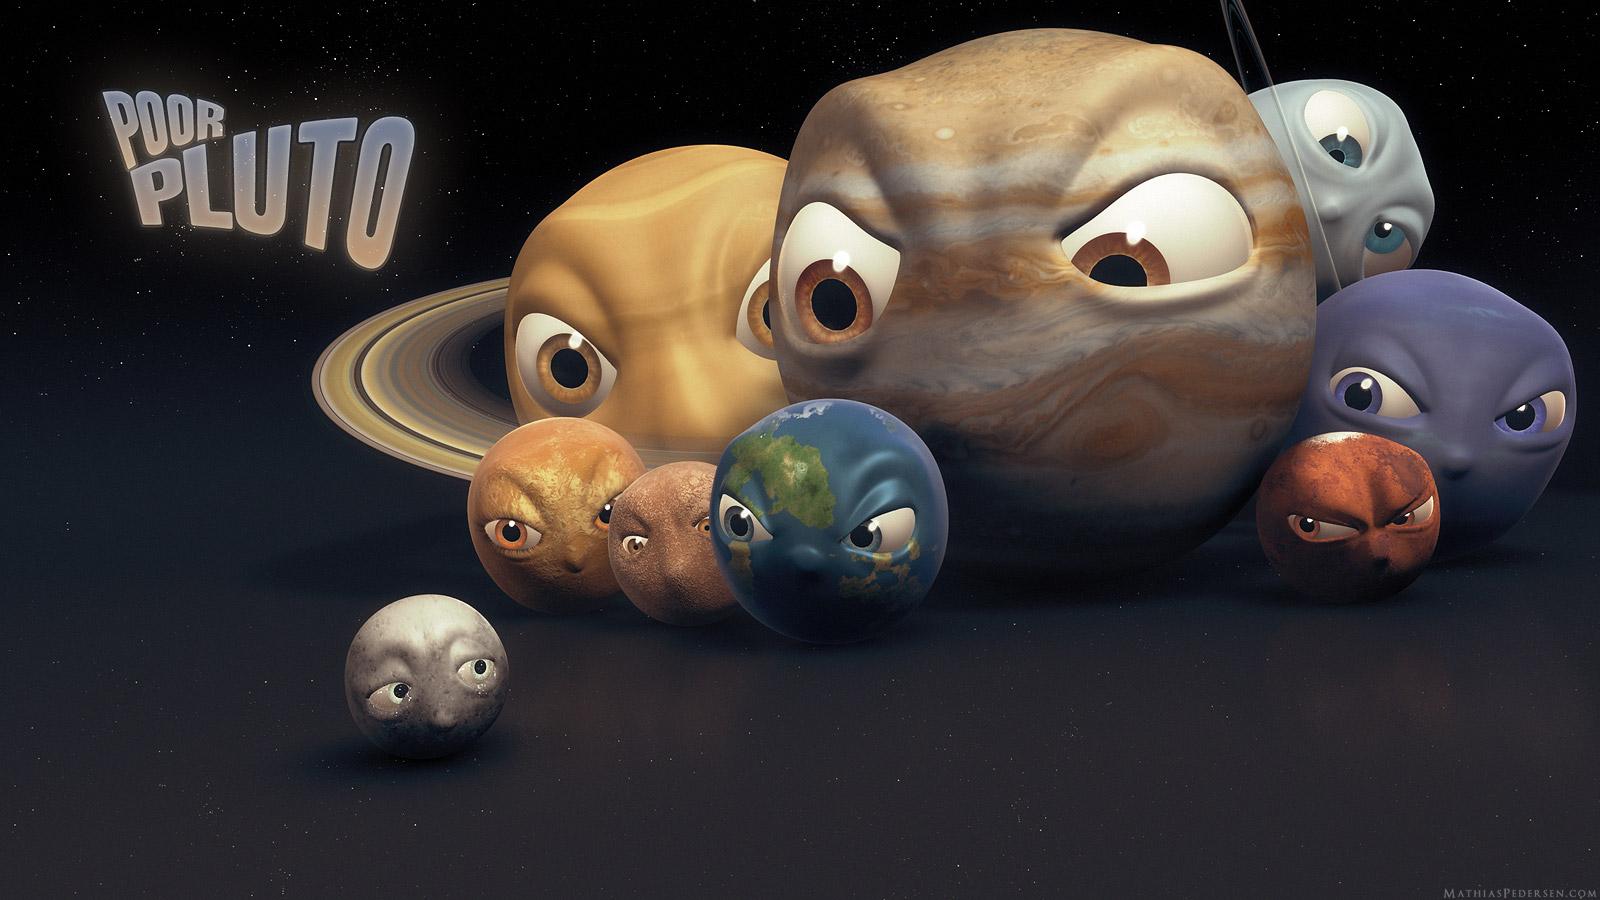 Какви са капаните на Плутон според астрологията